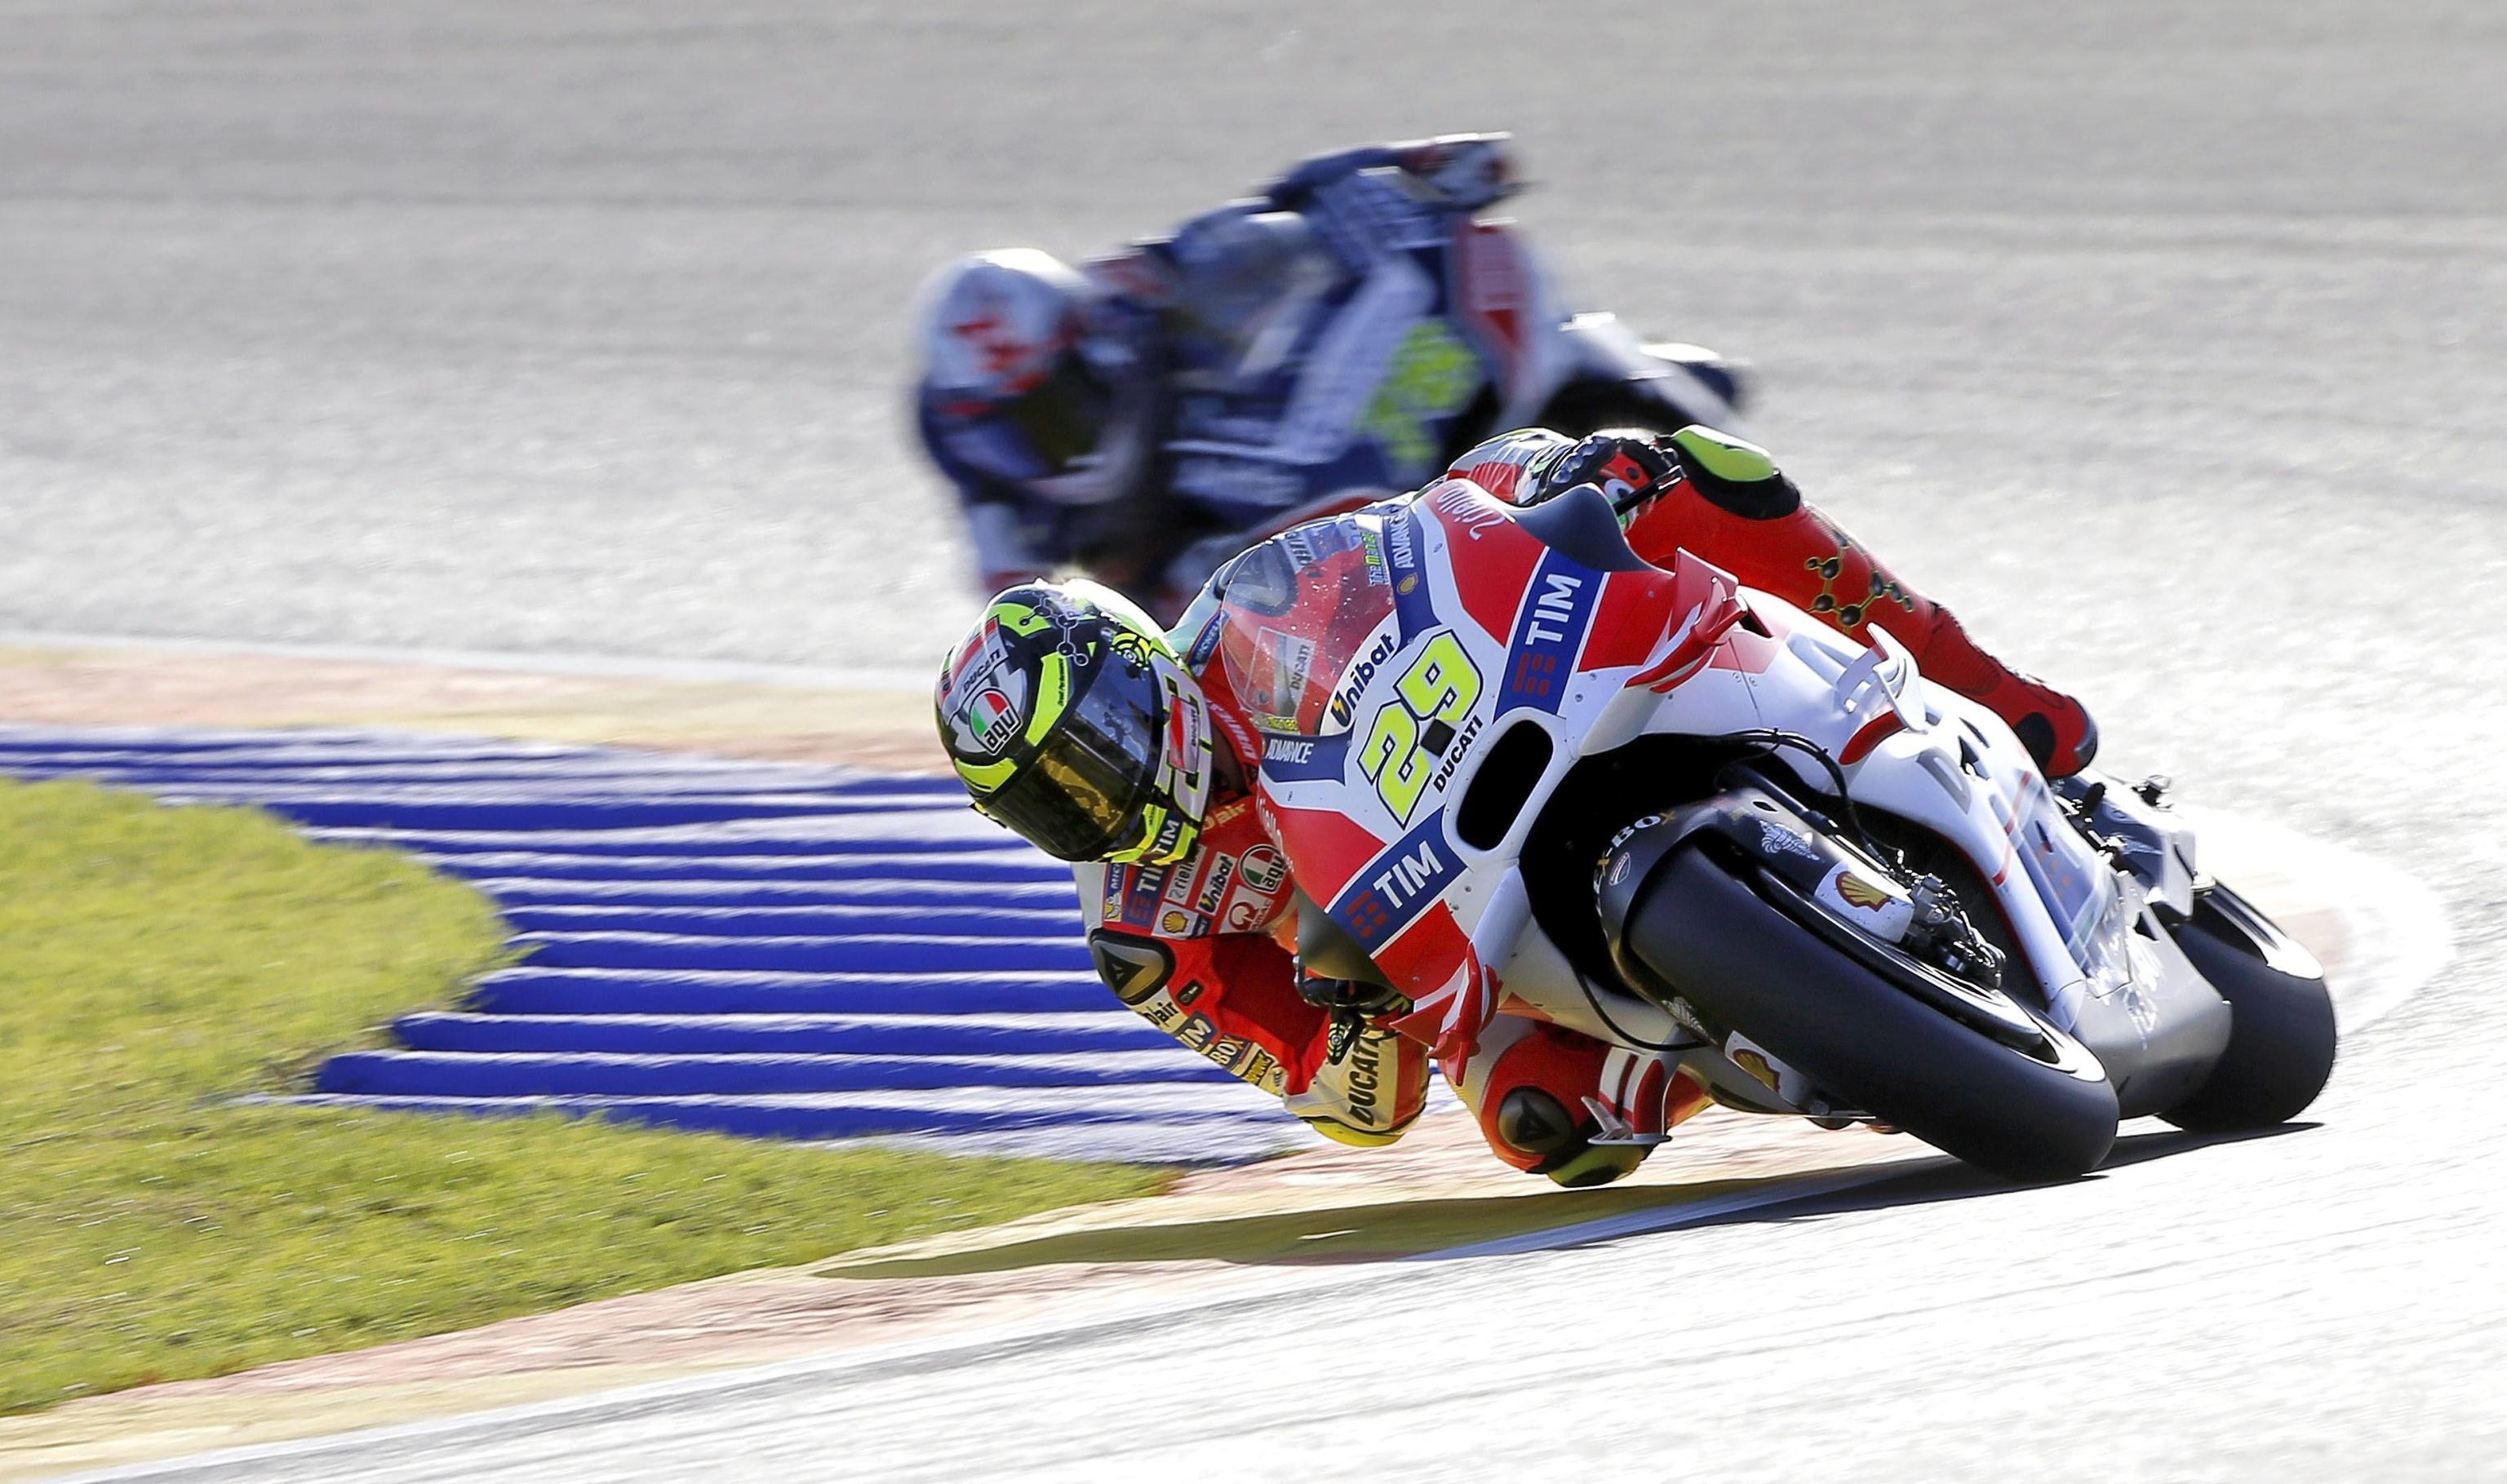 Andrea Iannone conclude la sua esperienza in Ducati con un bel podio (foto da: corrieredellosport.it)